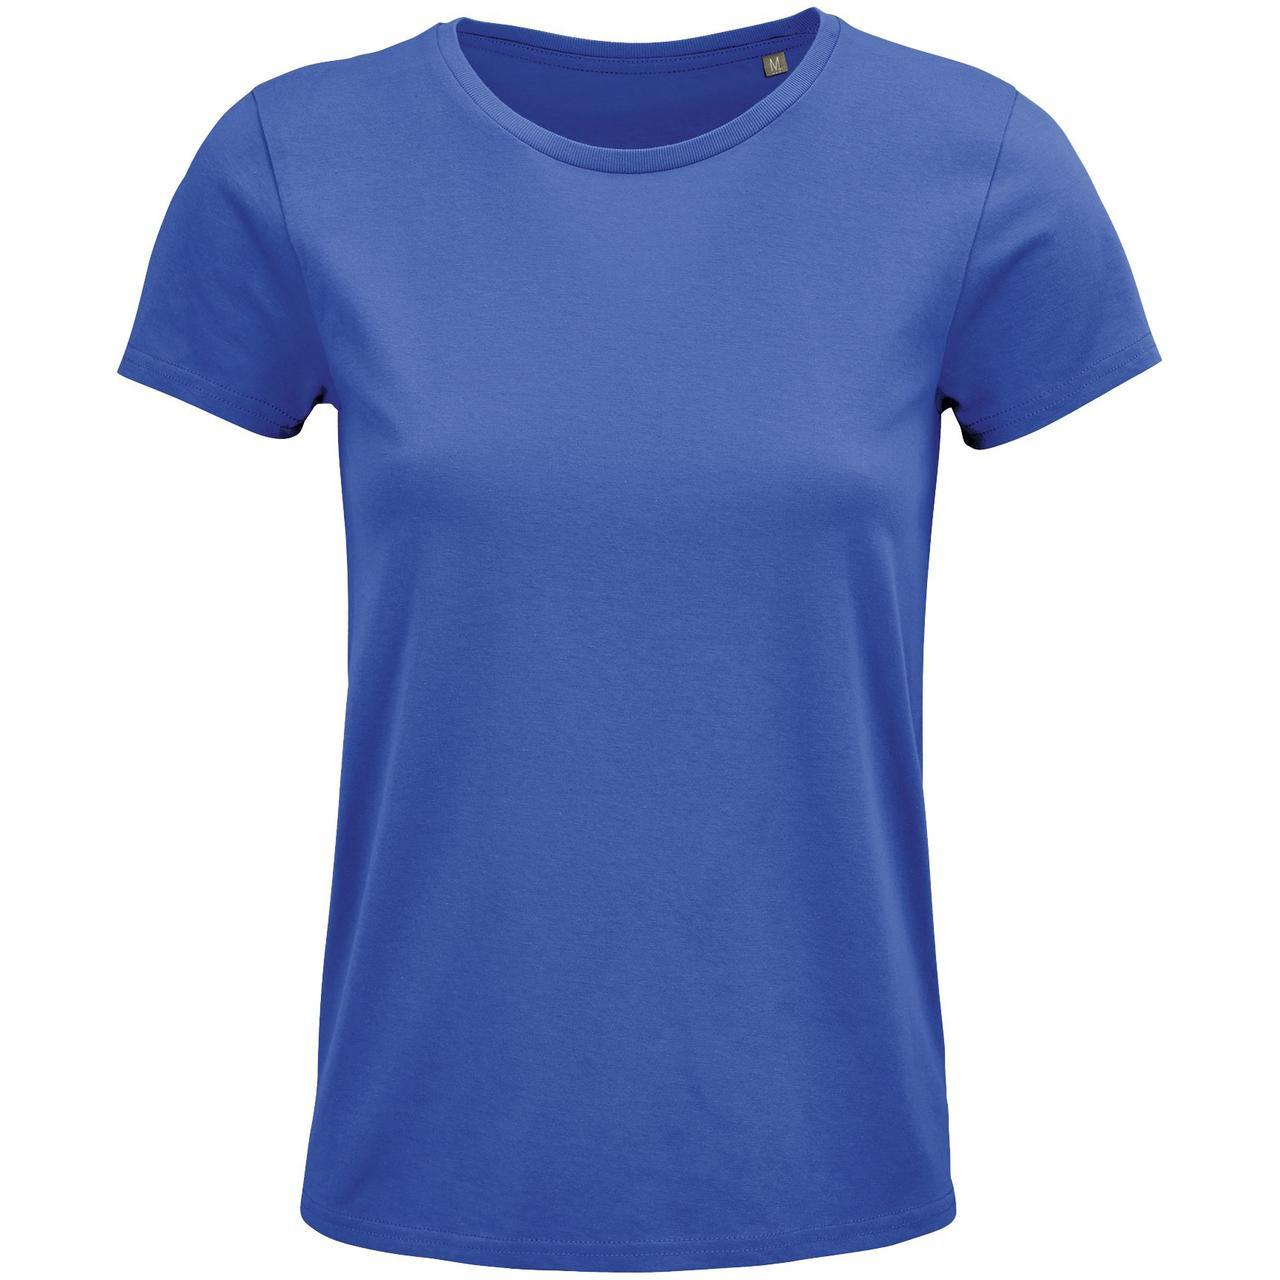 Футболка женская Crusader Women, ярко-синяя (артикул 03581241)